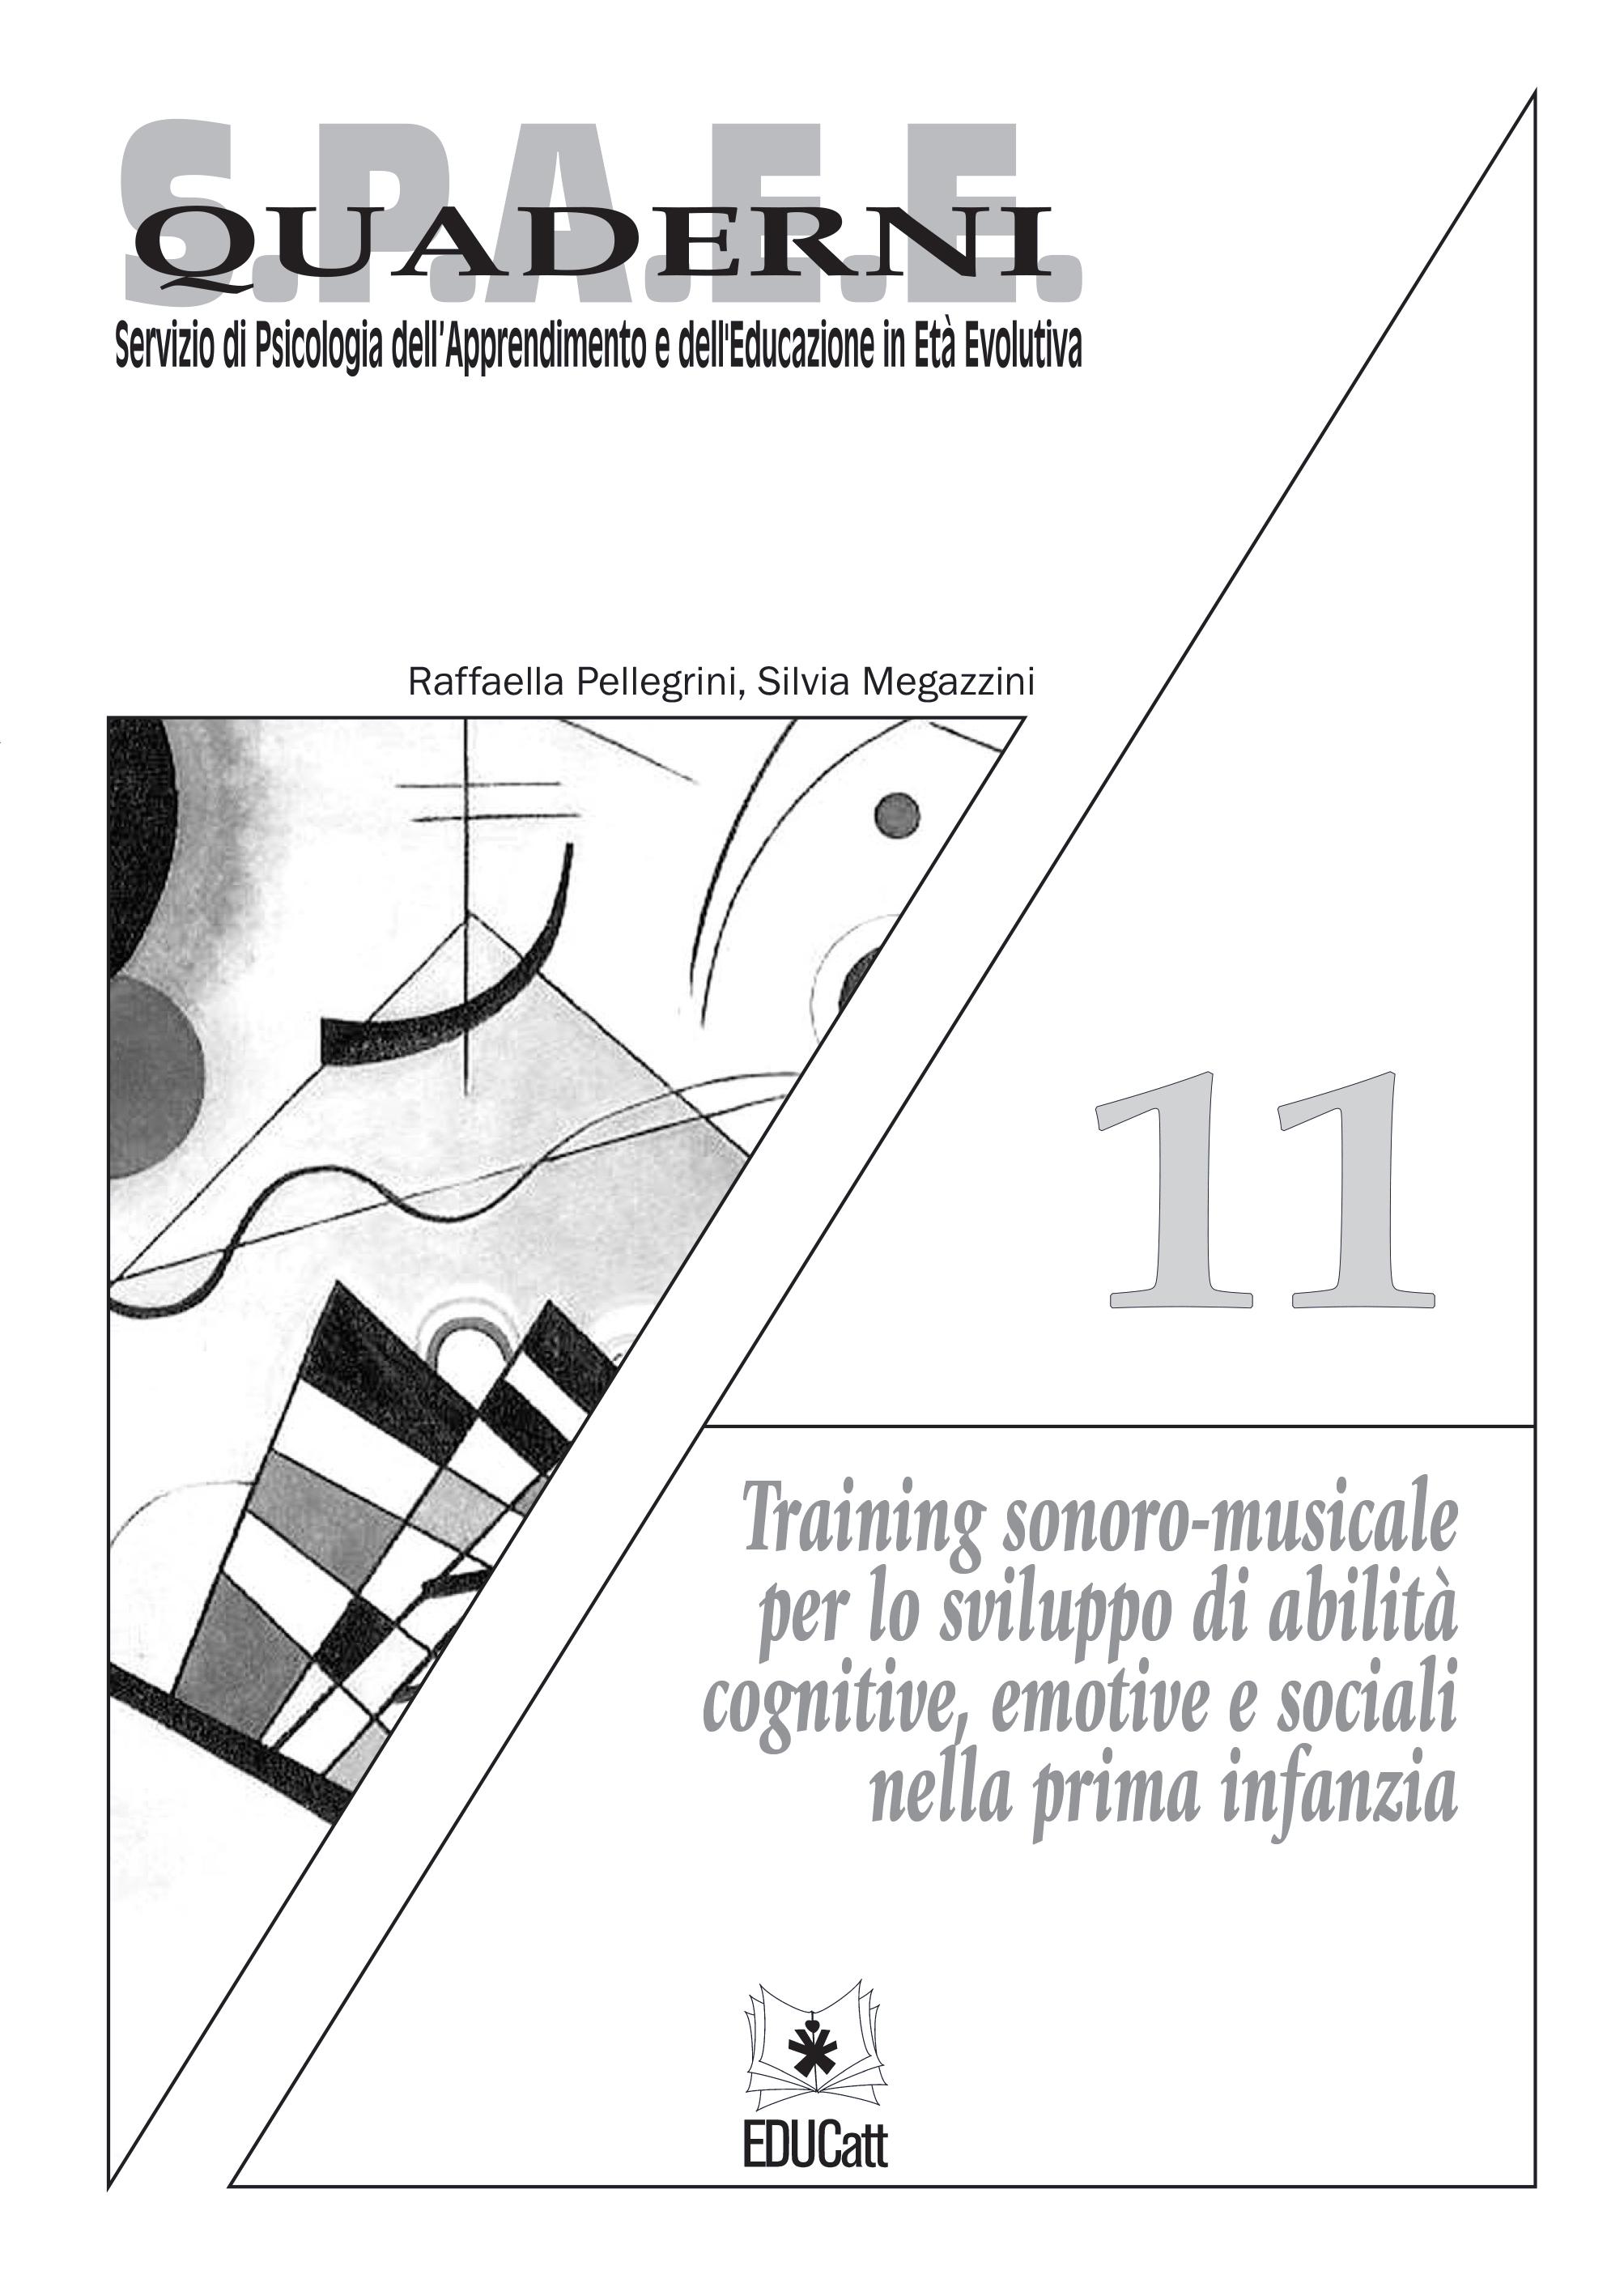 TRAINING SONORO MUSICALE PER LO SVILUPPO DI ABILITA COGNITIVE, EMOTIVE E SOCIALI NELLA PRIMA INFANZ